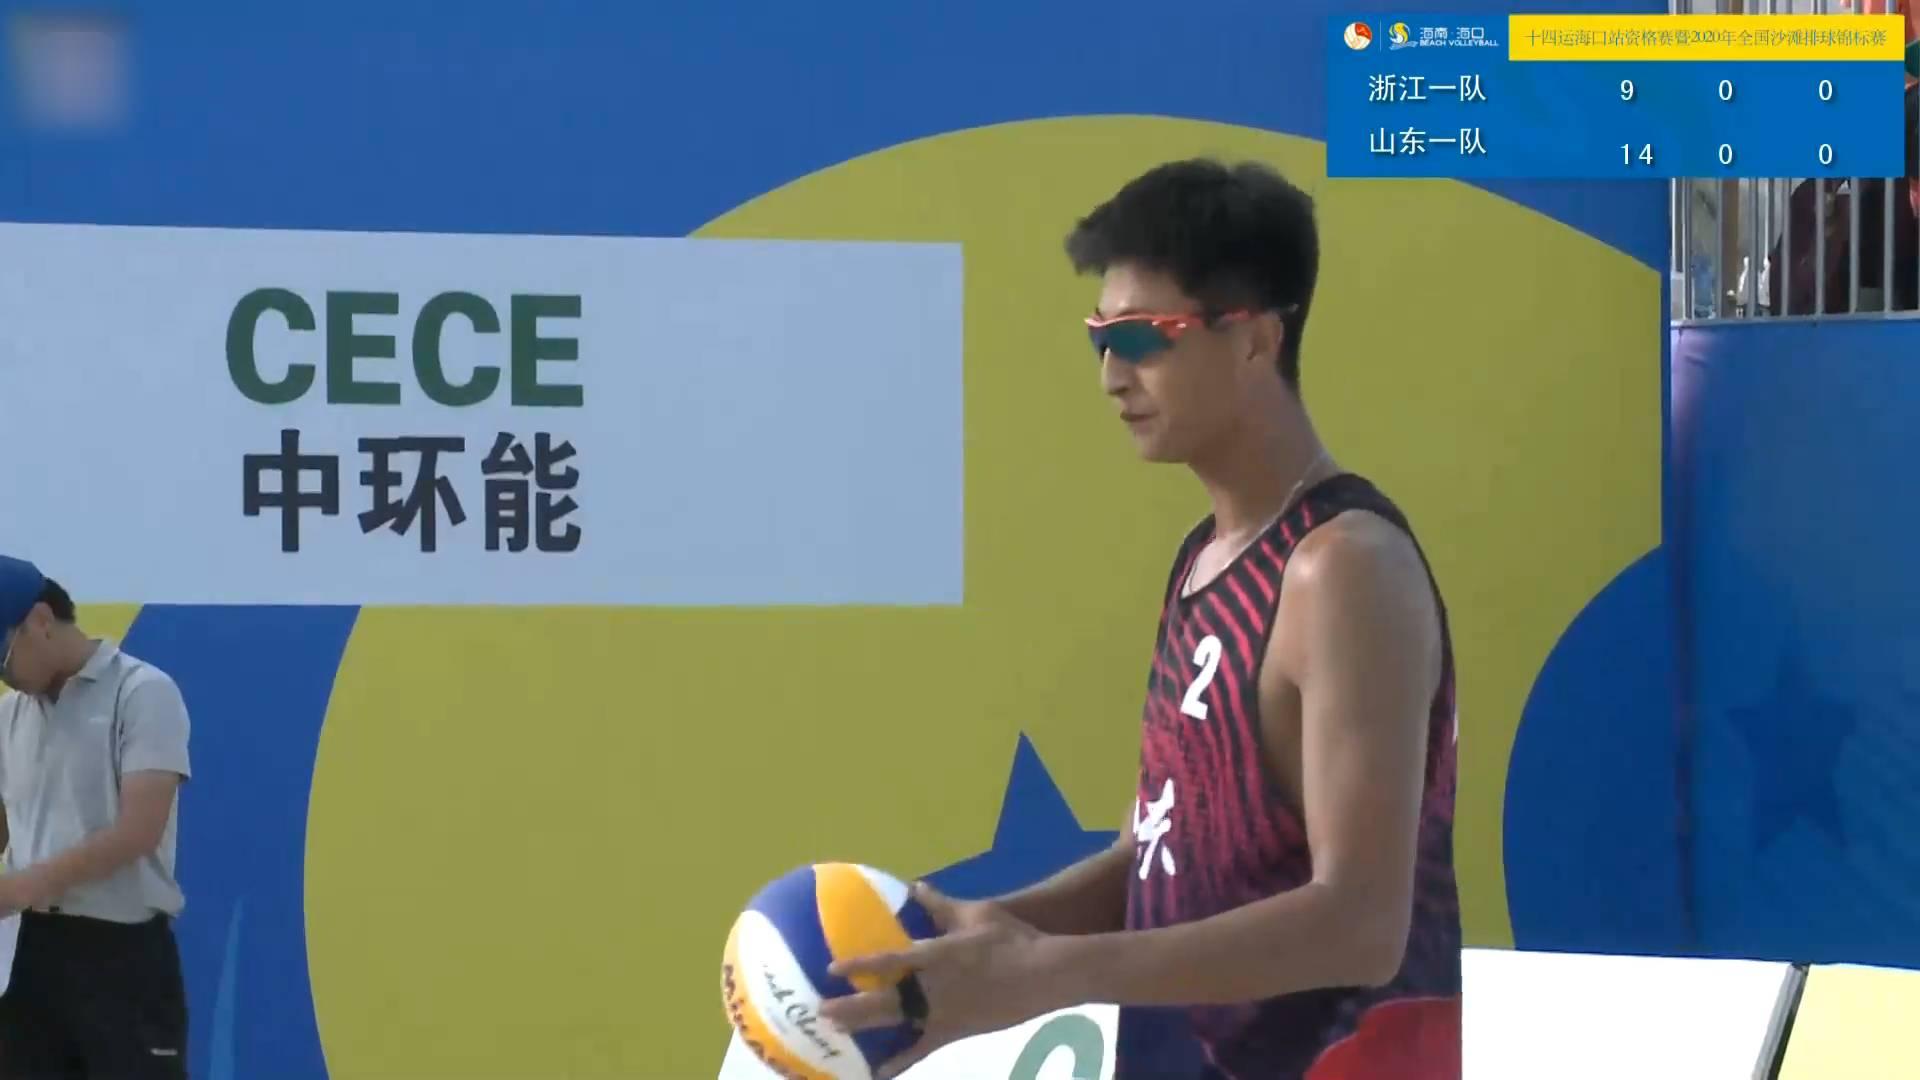 全国沙排锦标赛:山东李磊 王延伟夺得男子组冠军